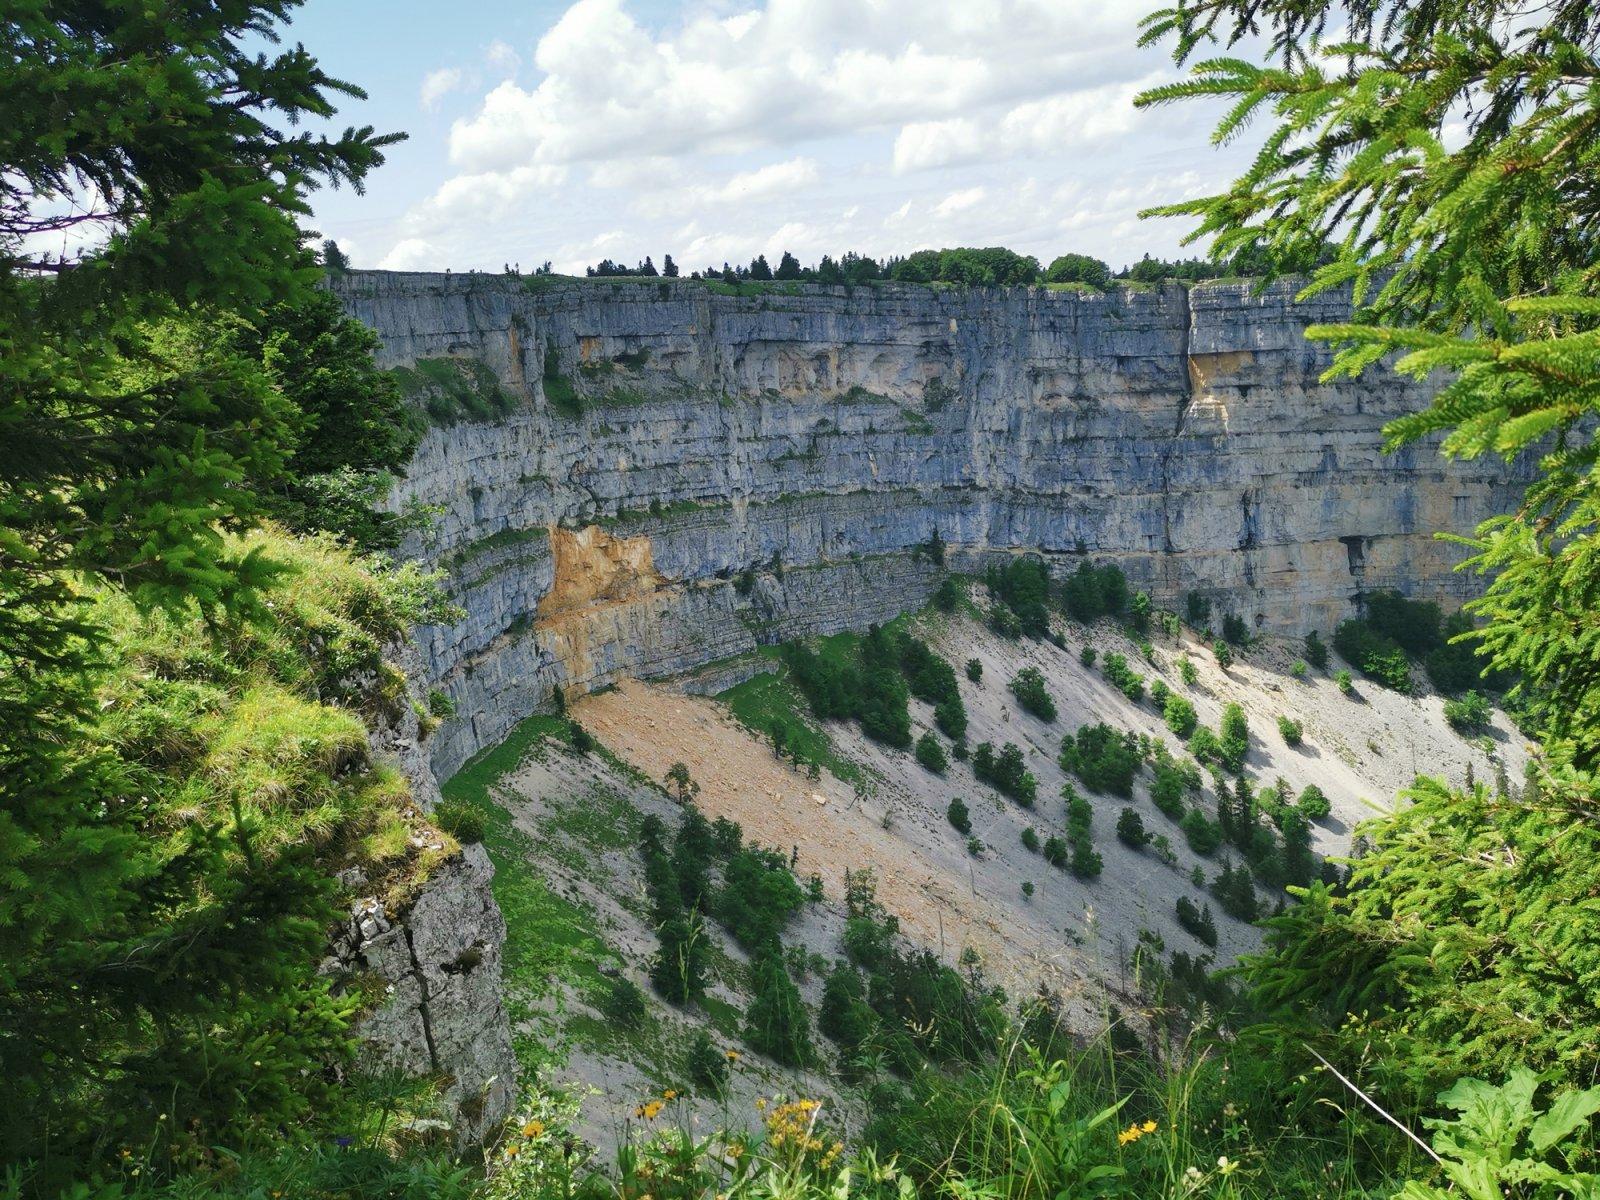 Hiking the Creux du Van Rock Arena in Switzerland